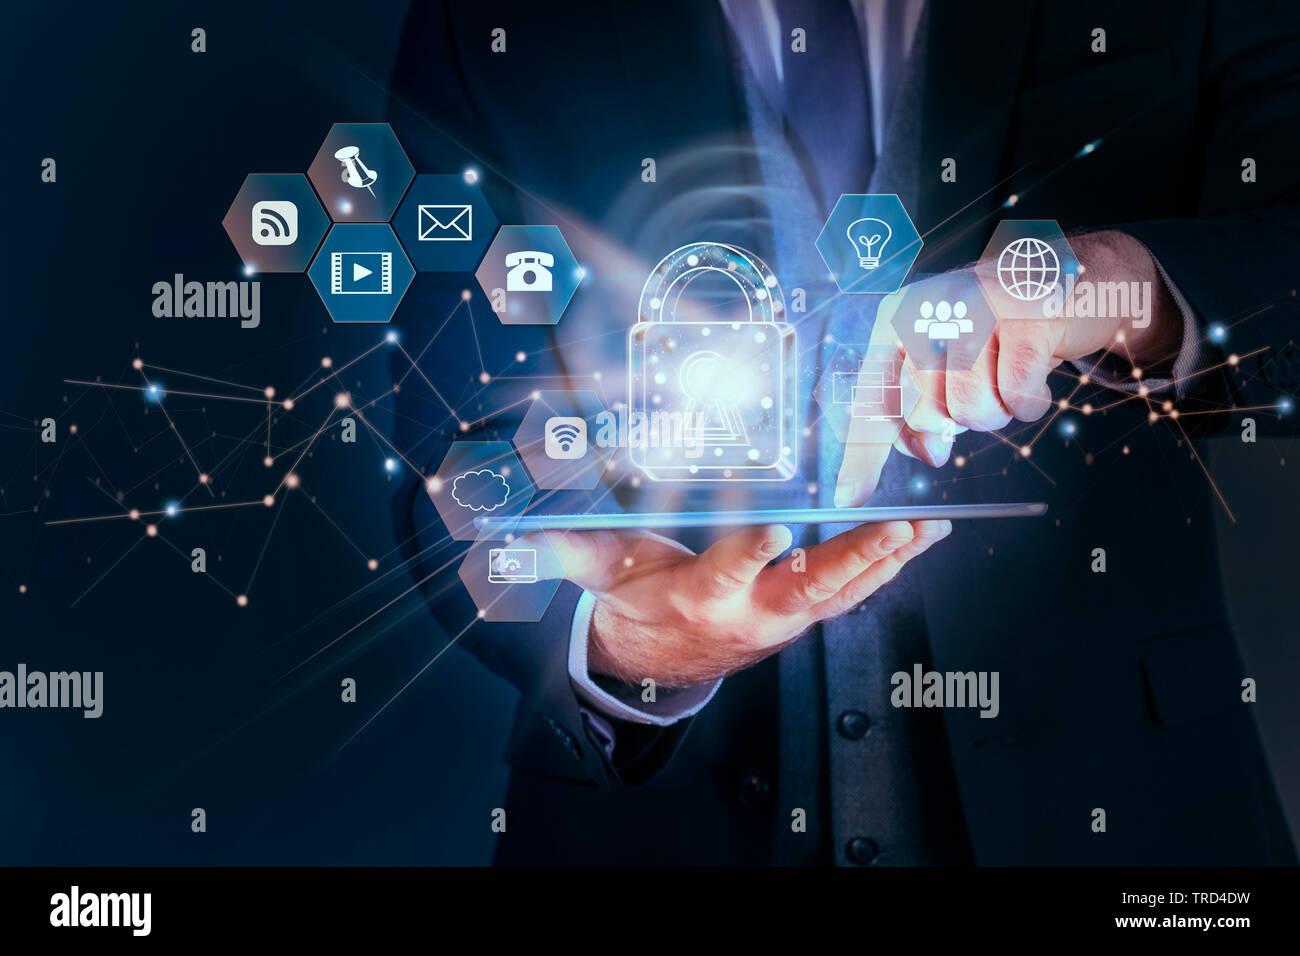 Business mann Schutz von Daten persönlicher Informationen auf Tablet, Datenschutz Datenschutz Konzept, SSL-Zertifikat, Cyber Security Network, Vorhängeschloss und Stockfoto